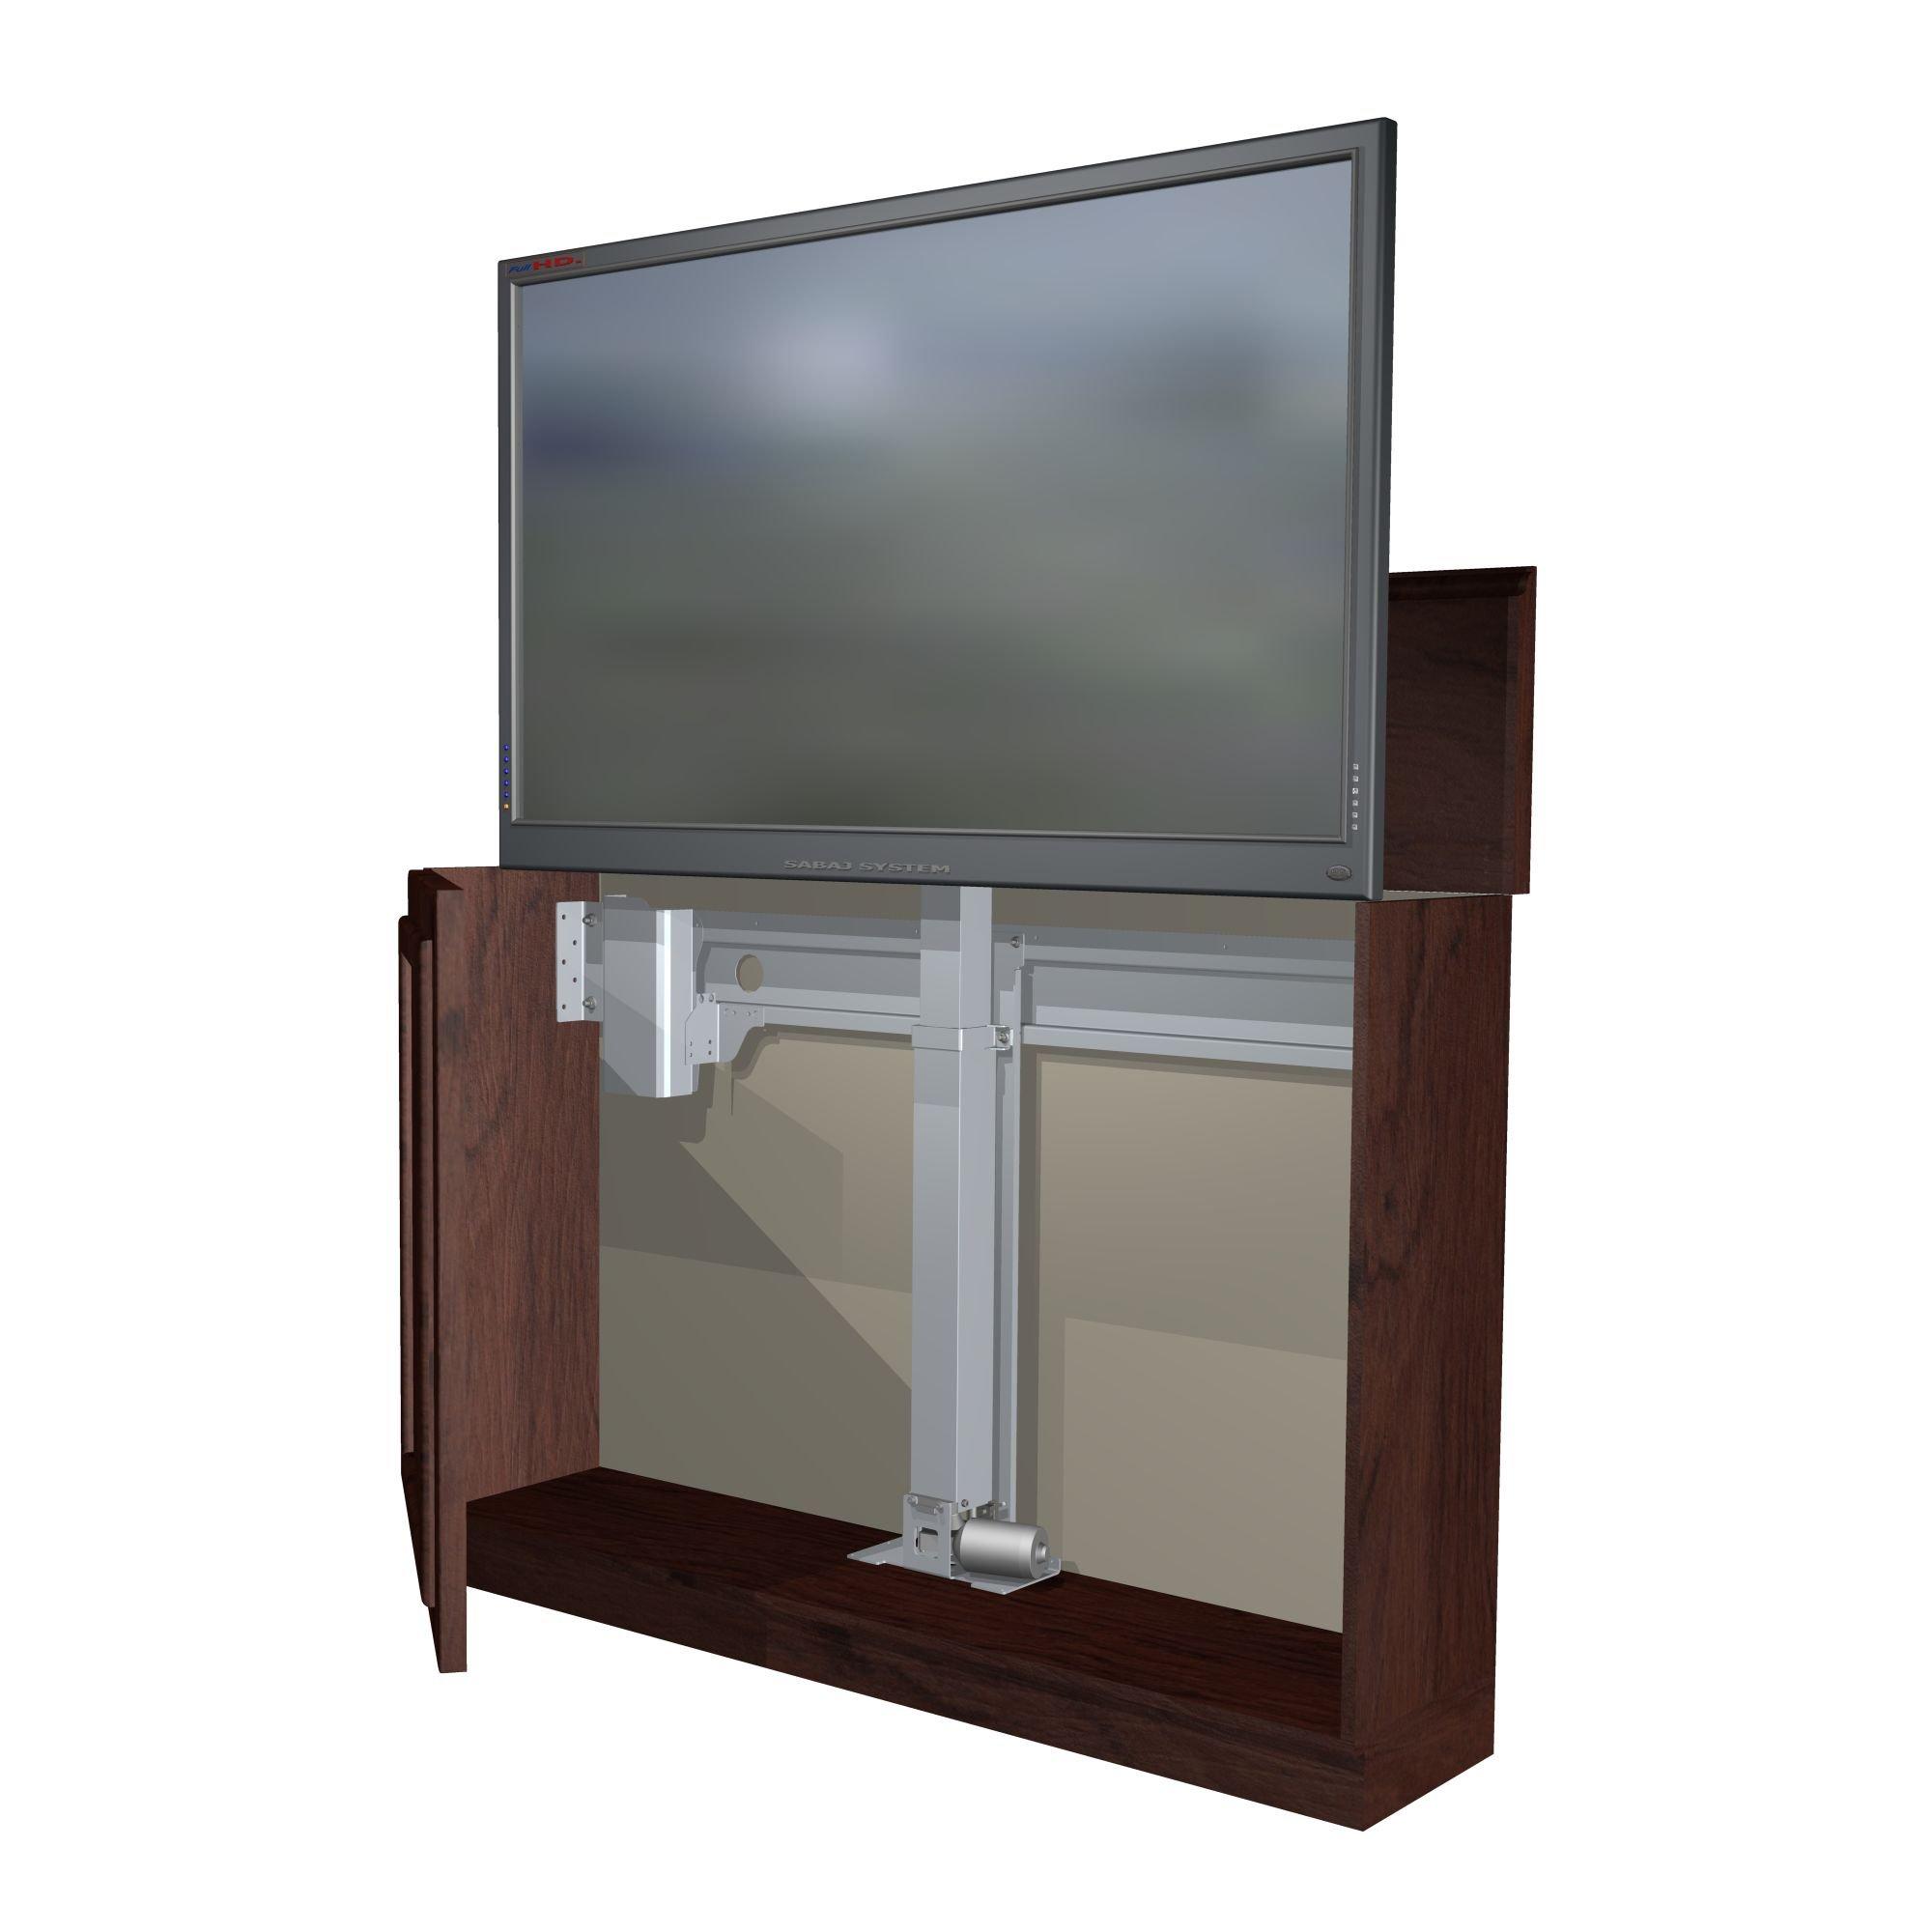 TV Lift K-2 Eco C, 5 años de garantía telescópica TV Lift: Amazon.es: Electrónica